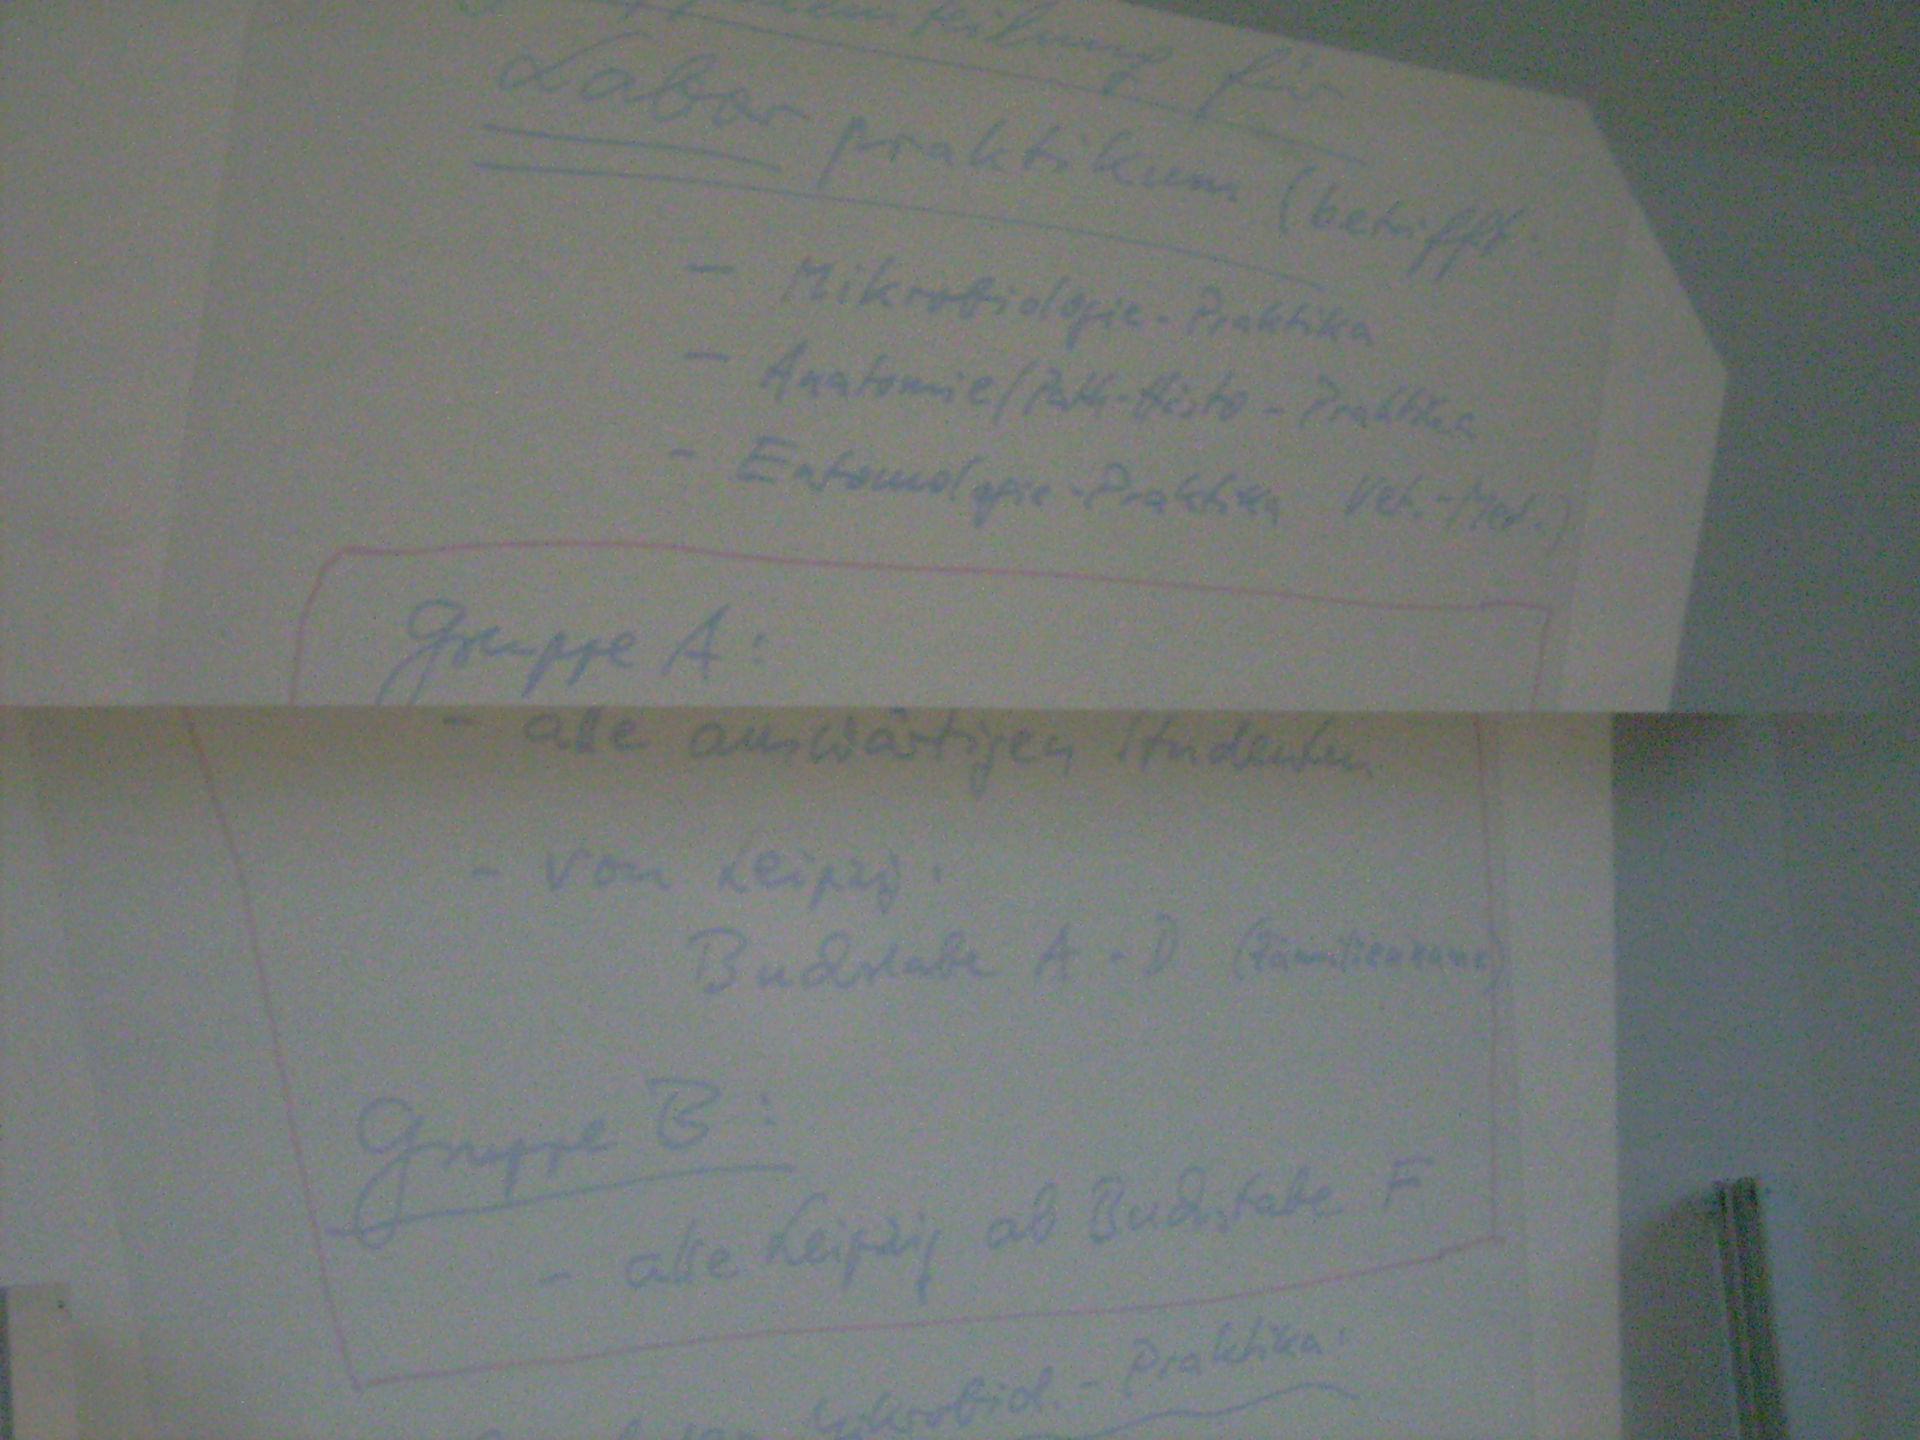 Corso di medicina tropicale a Lipsia